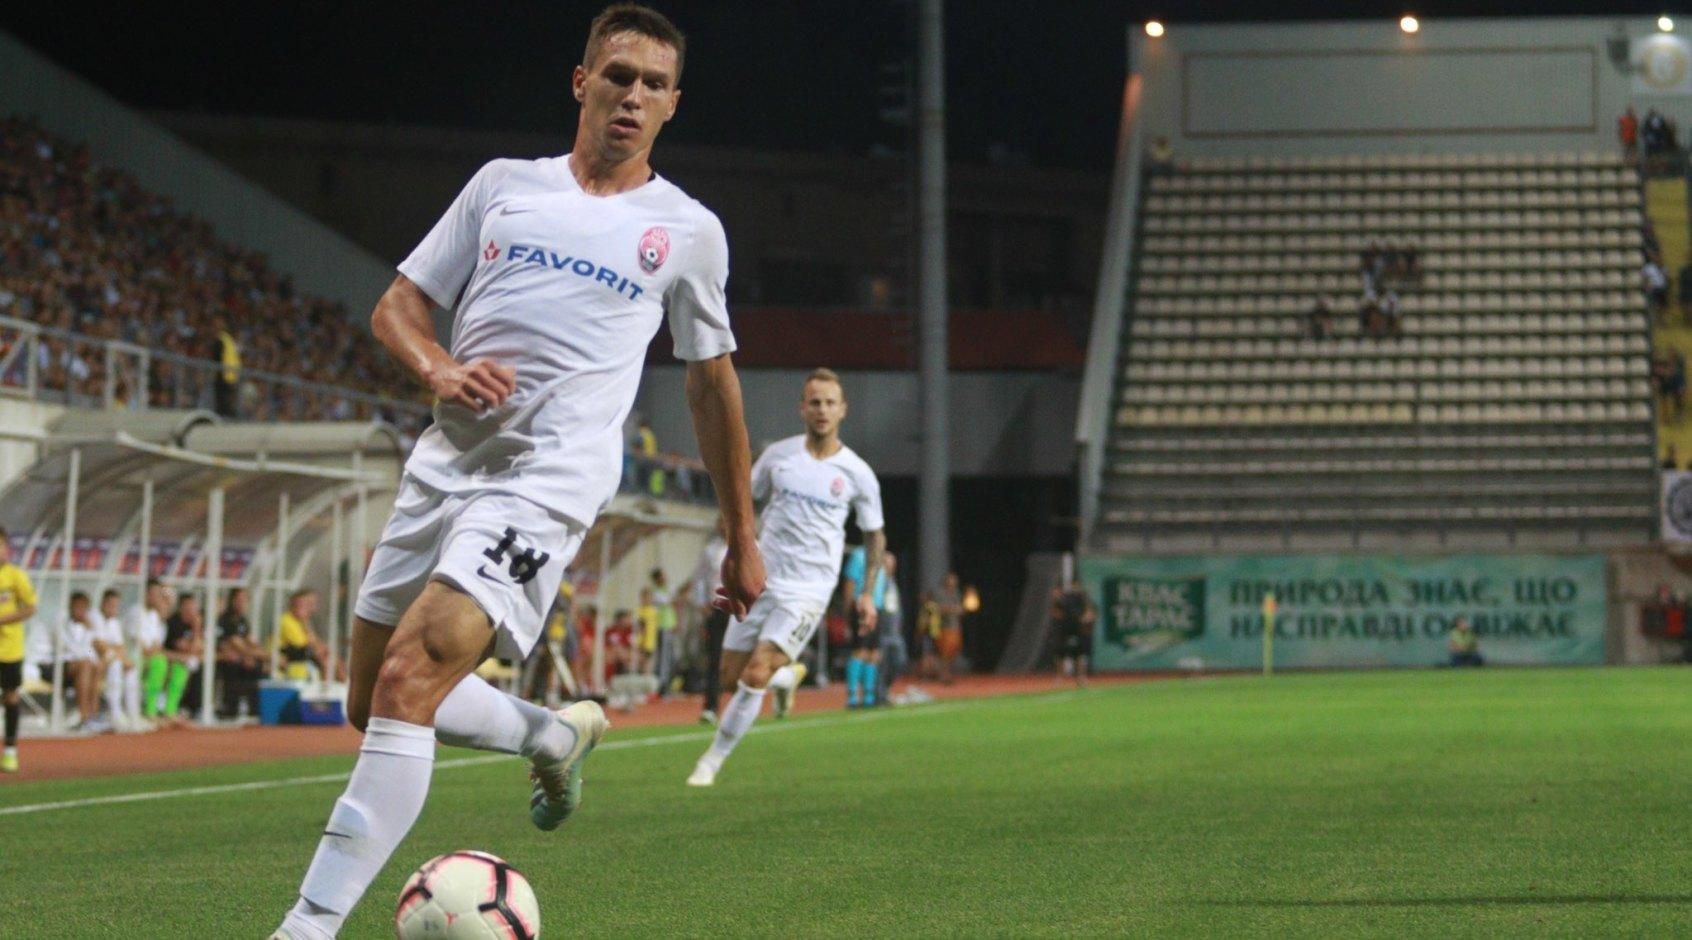 Молодые таланты УПЛ, или кто раскрылся в минувшем сезоне чемпионата Украины: часть первая - изображение 5